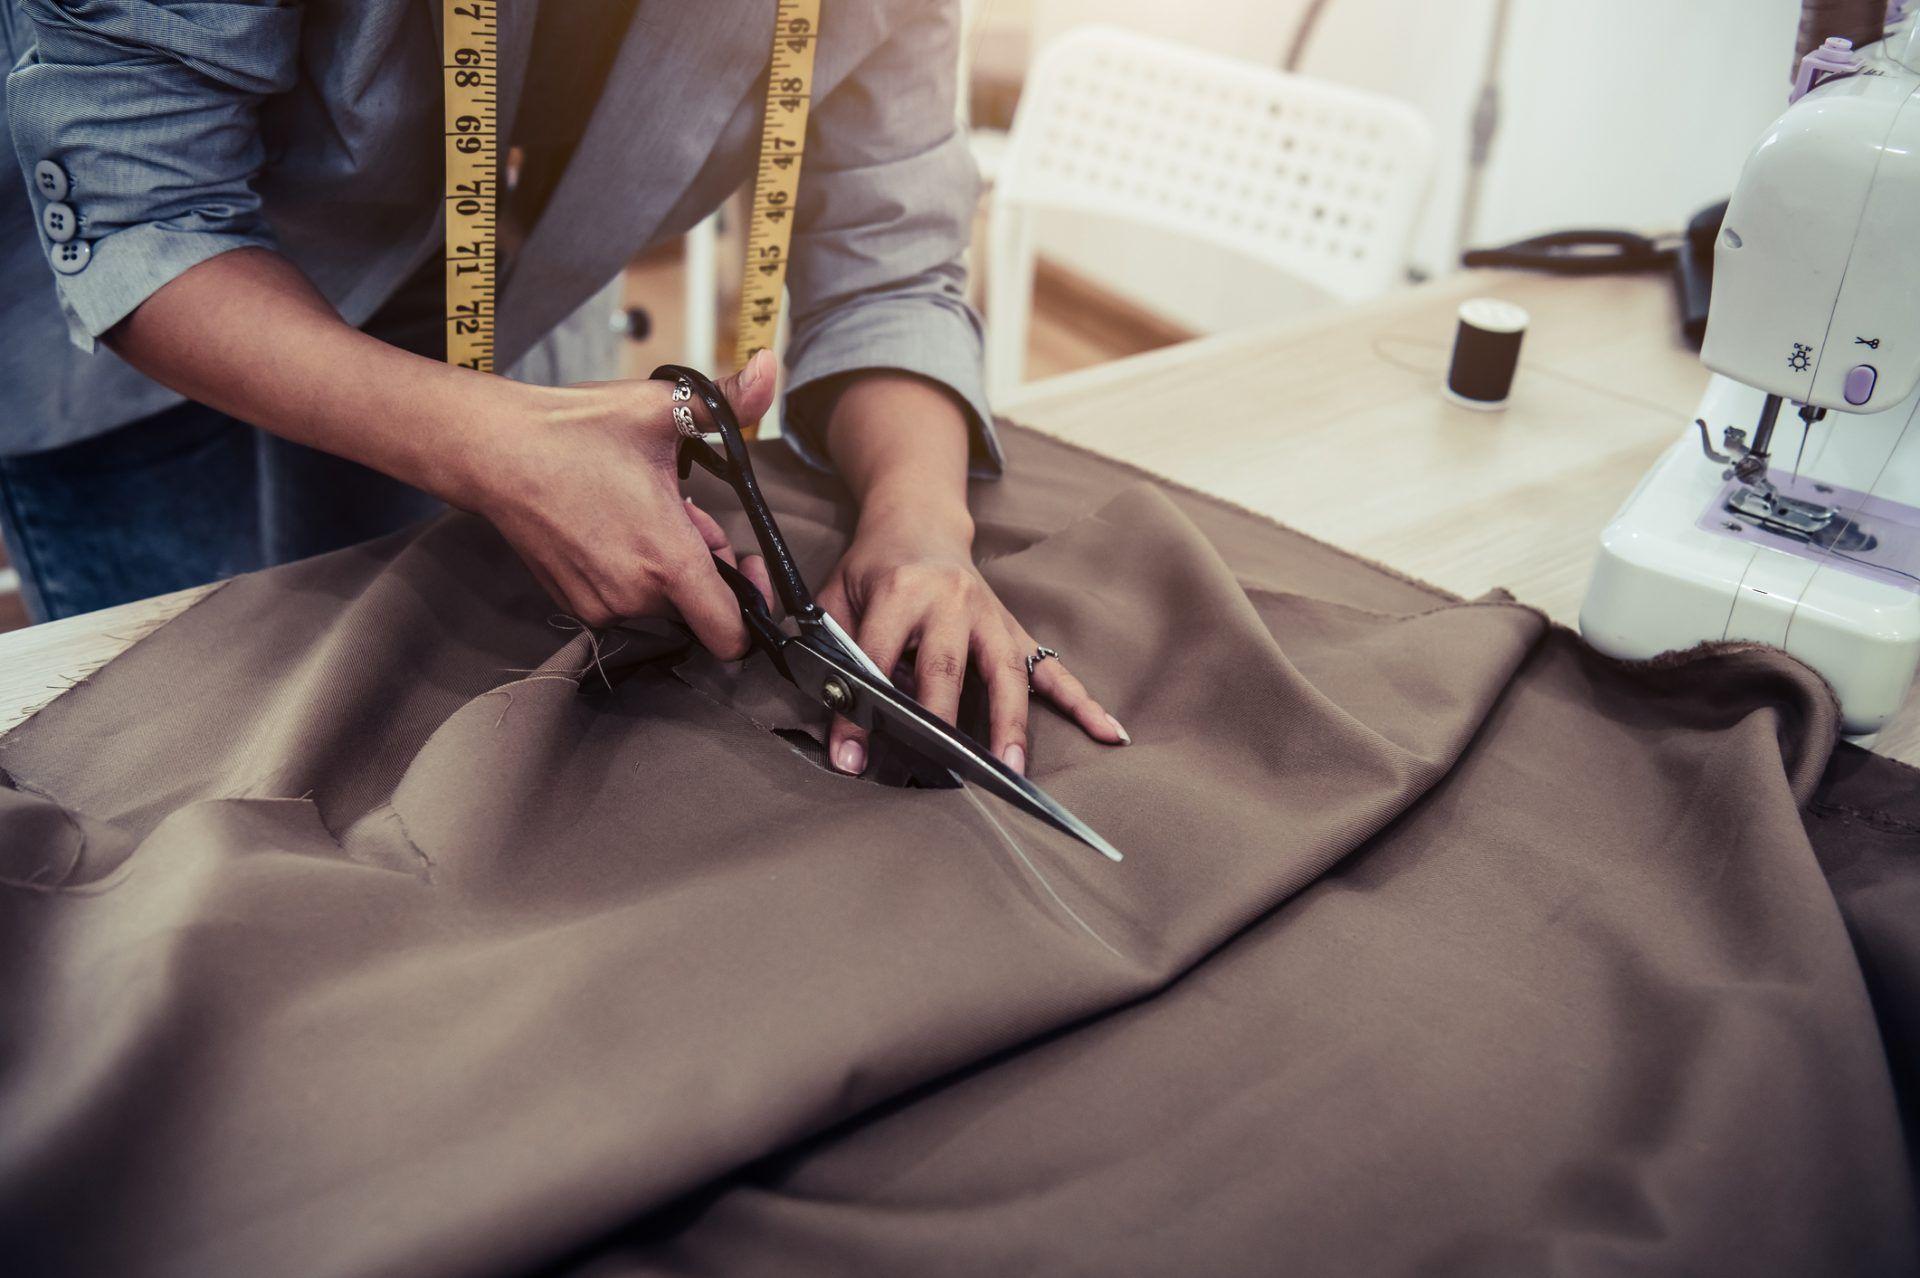 La Escuela des Arts, una de las mejores opciones para aprender costura desde casa